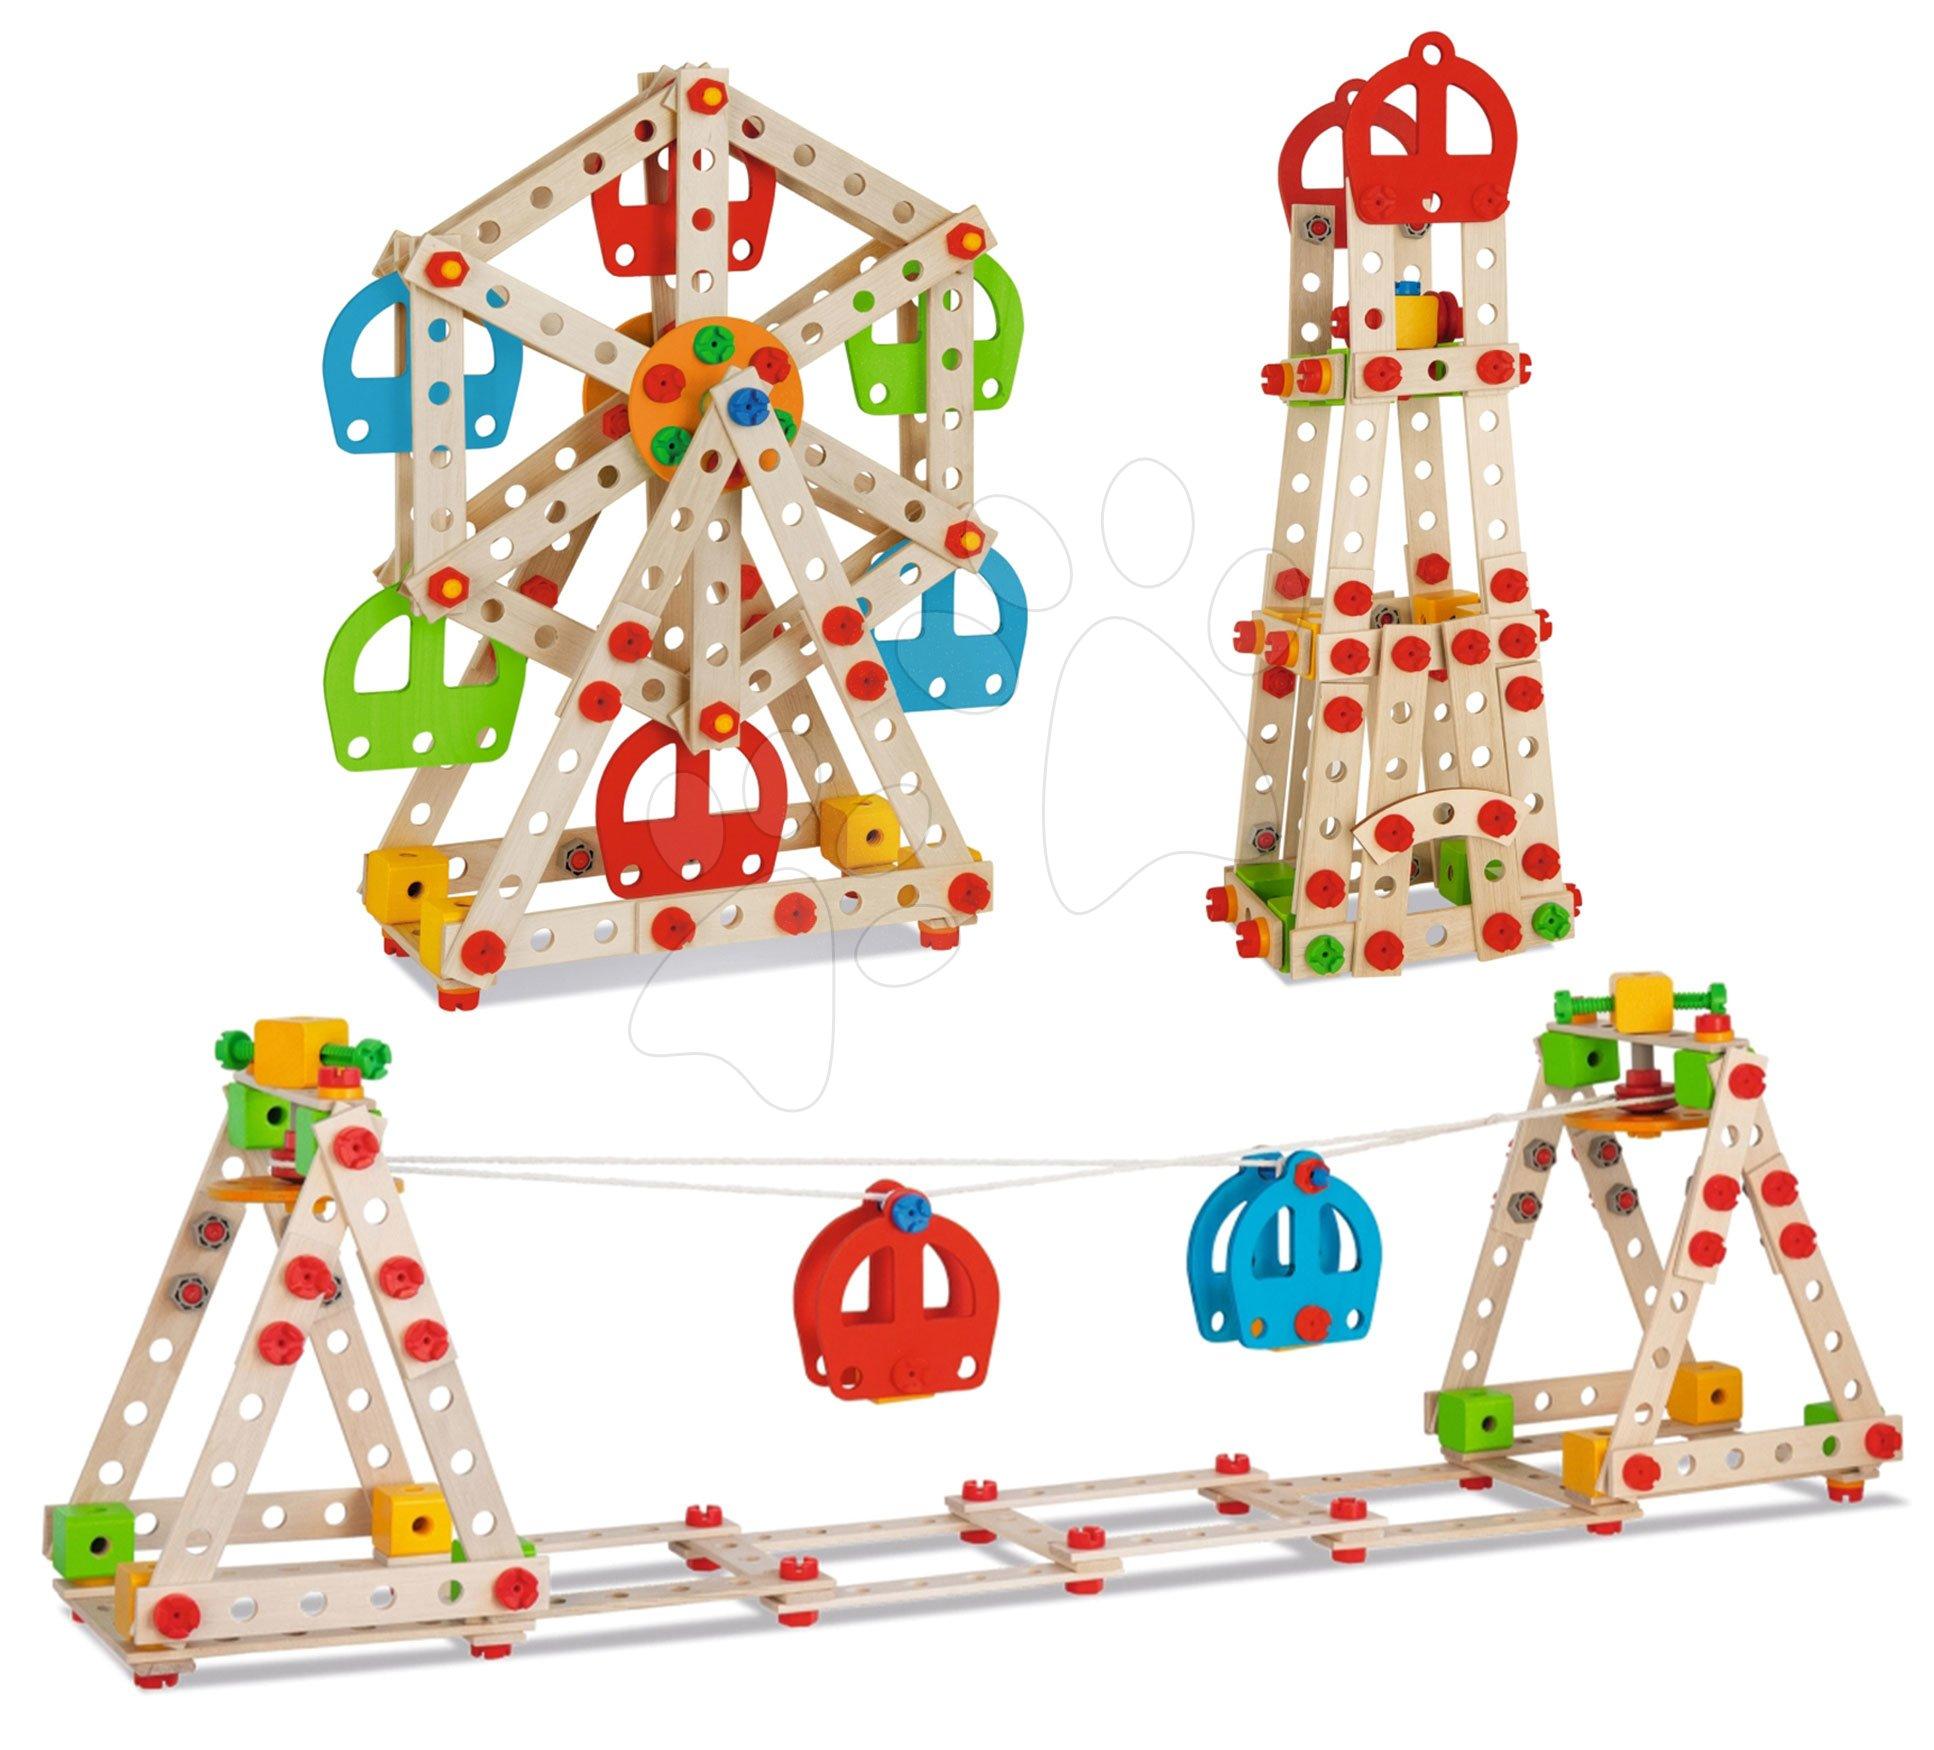 Dřevěné stavebnice Eichhorn - Dřevěná stavebnice lunapark Constructor Big Wheel Eichhorn 3 modely (lunapark, maják, lanovka) 240 dílů od 6 let